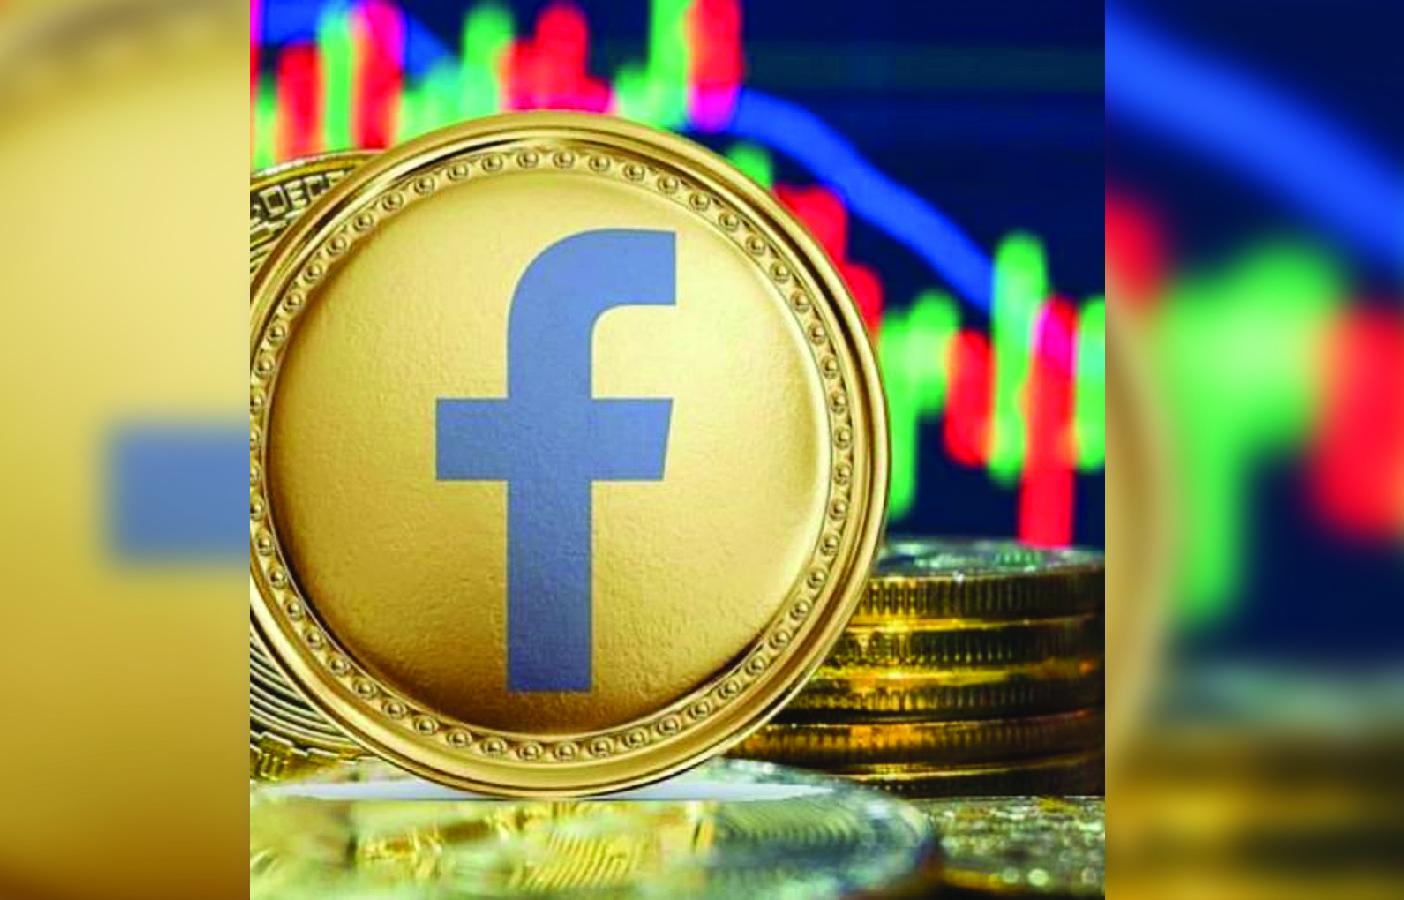 Si torna alla Lira! Anzi no, alla Libra Ora Facebook saprà anche come spendiamo i soldi